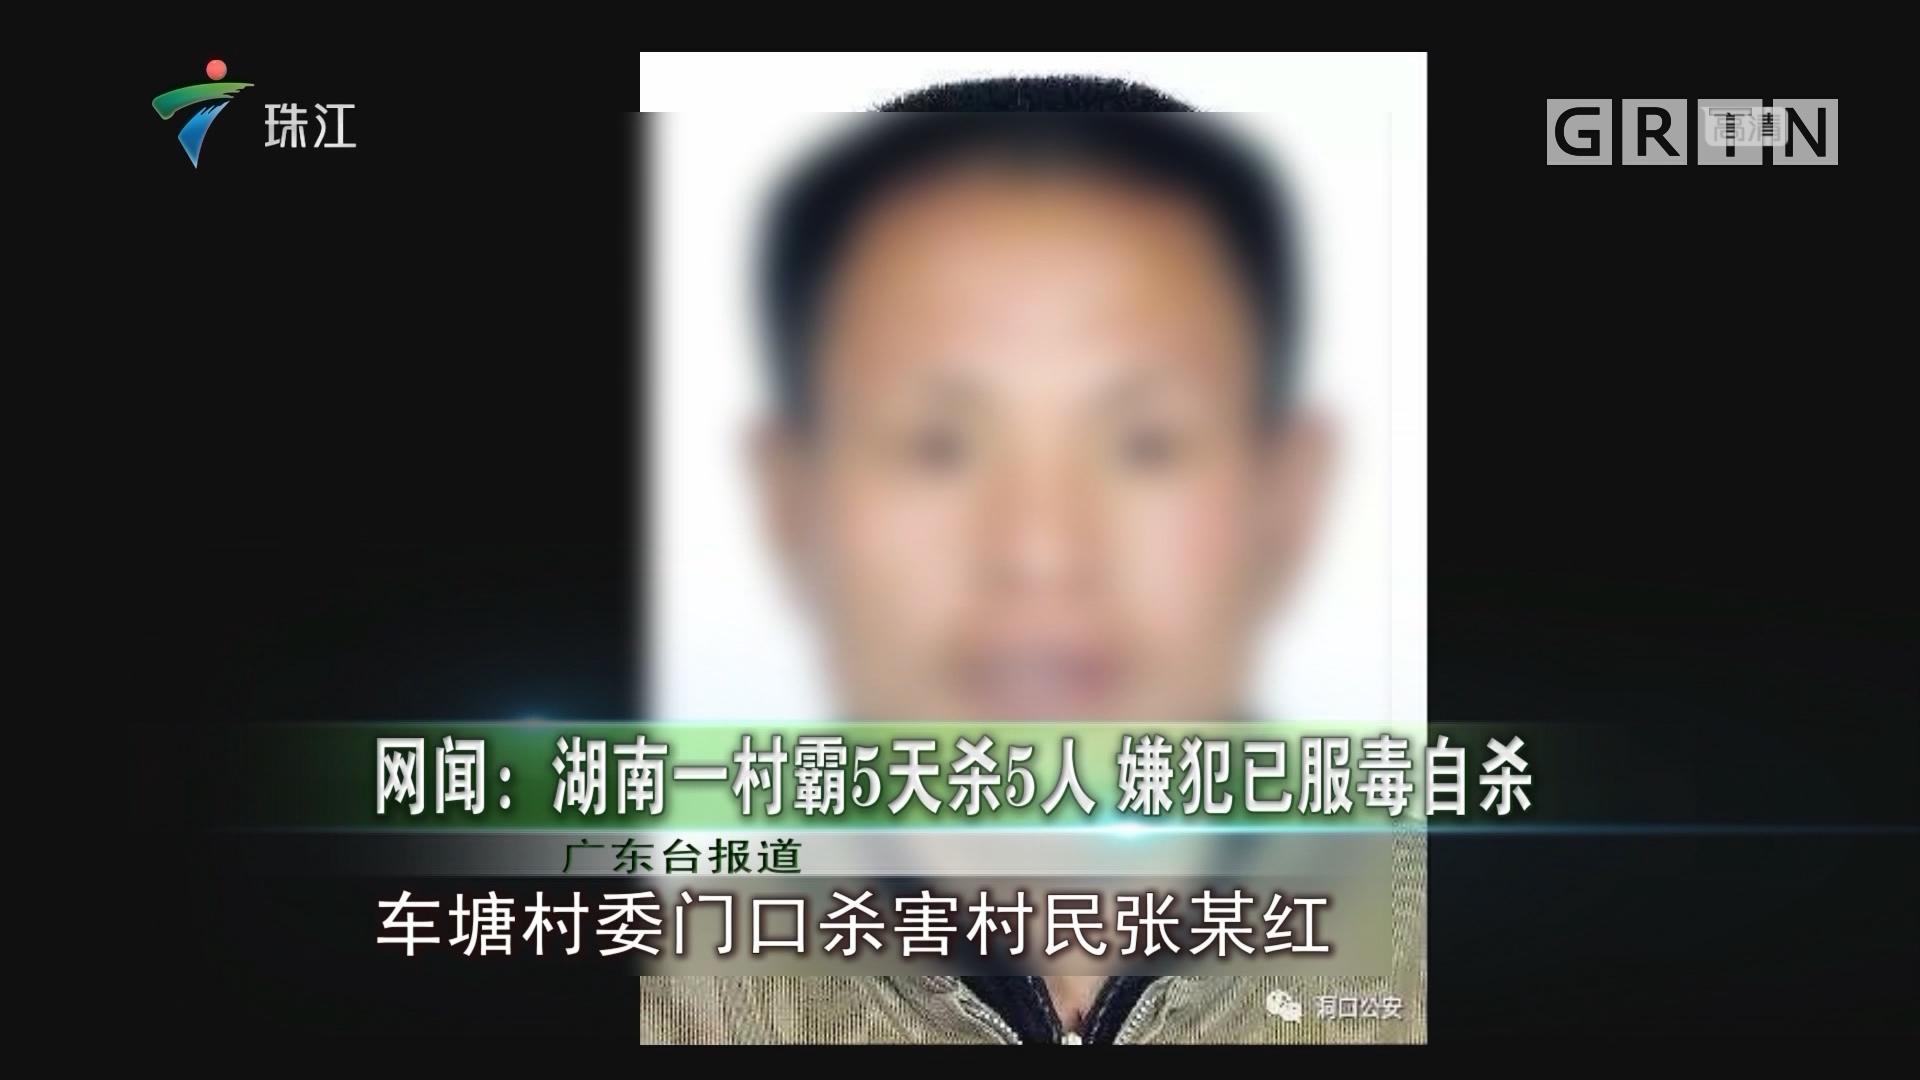 网闻:湖南一村霸5天杀5人 嫌犯已服毒自杀